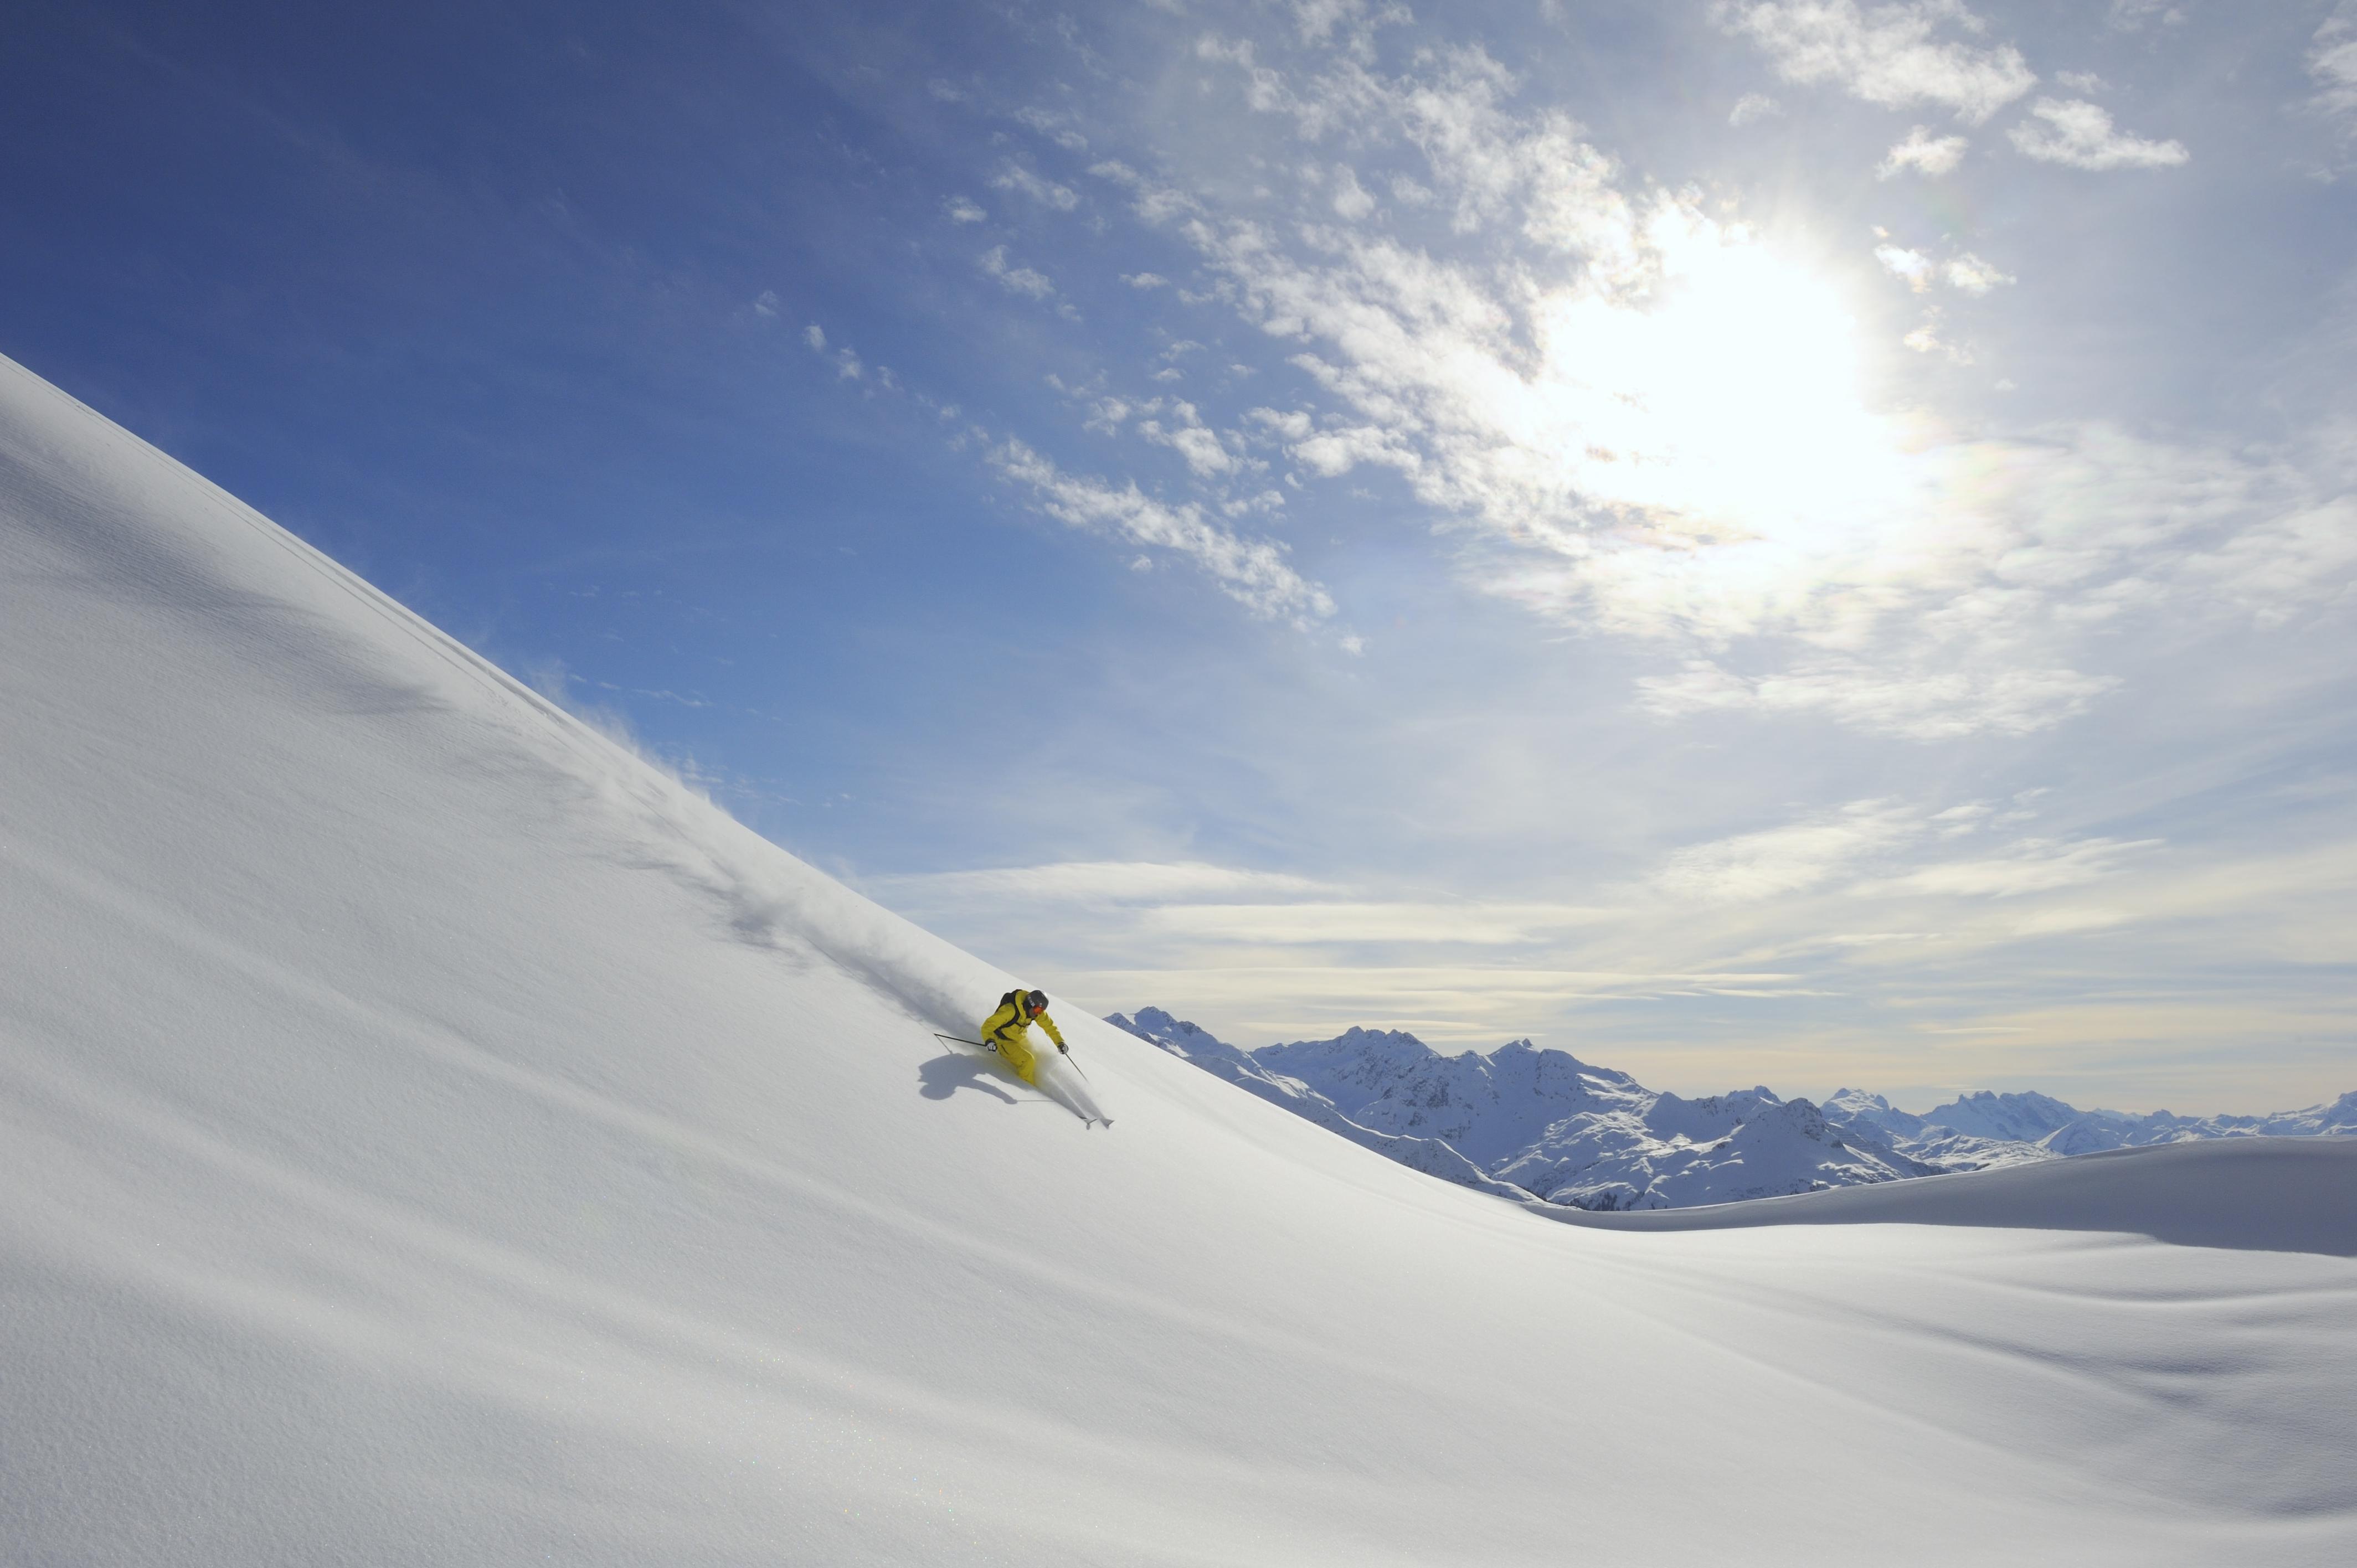 Ein Skifahrer fährt einen schneebedeckten Berg hinunter